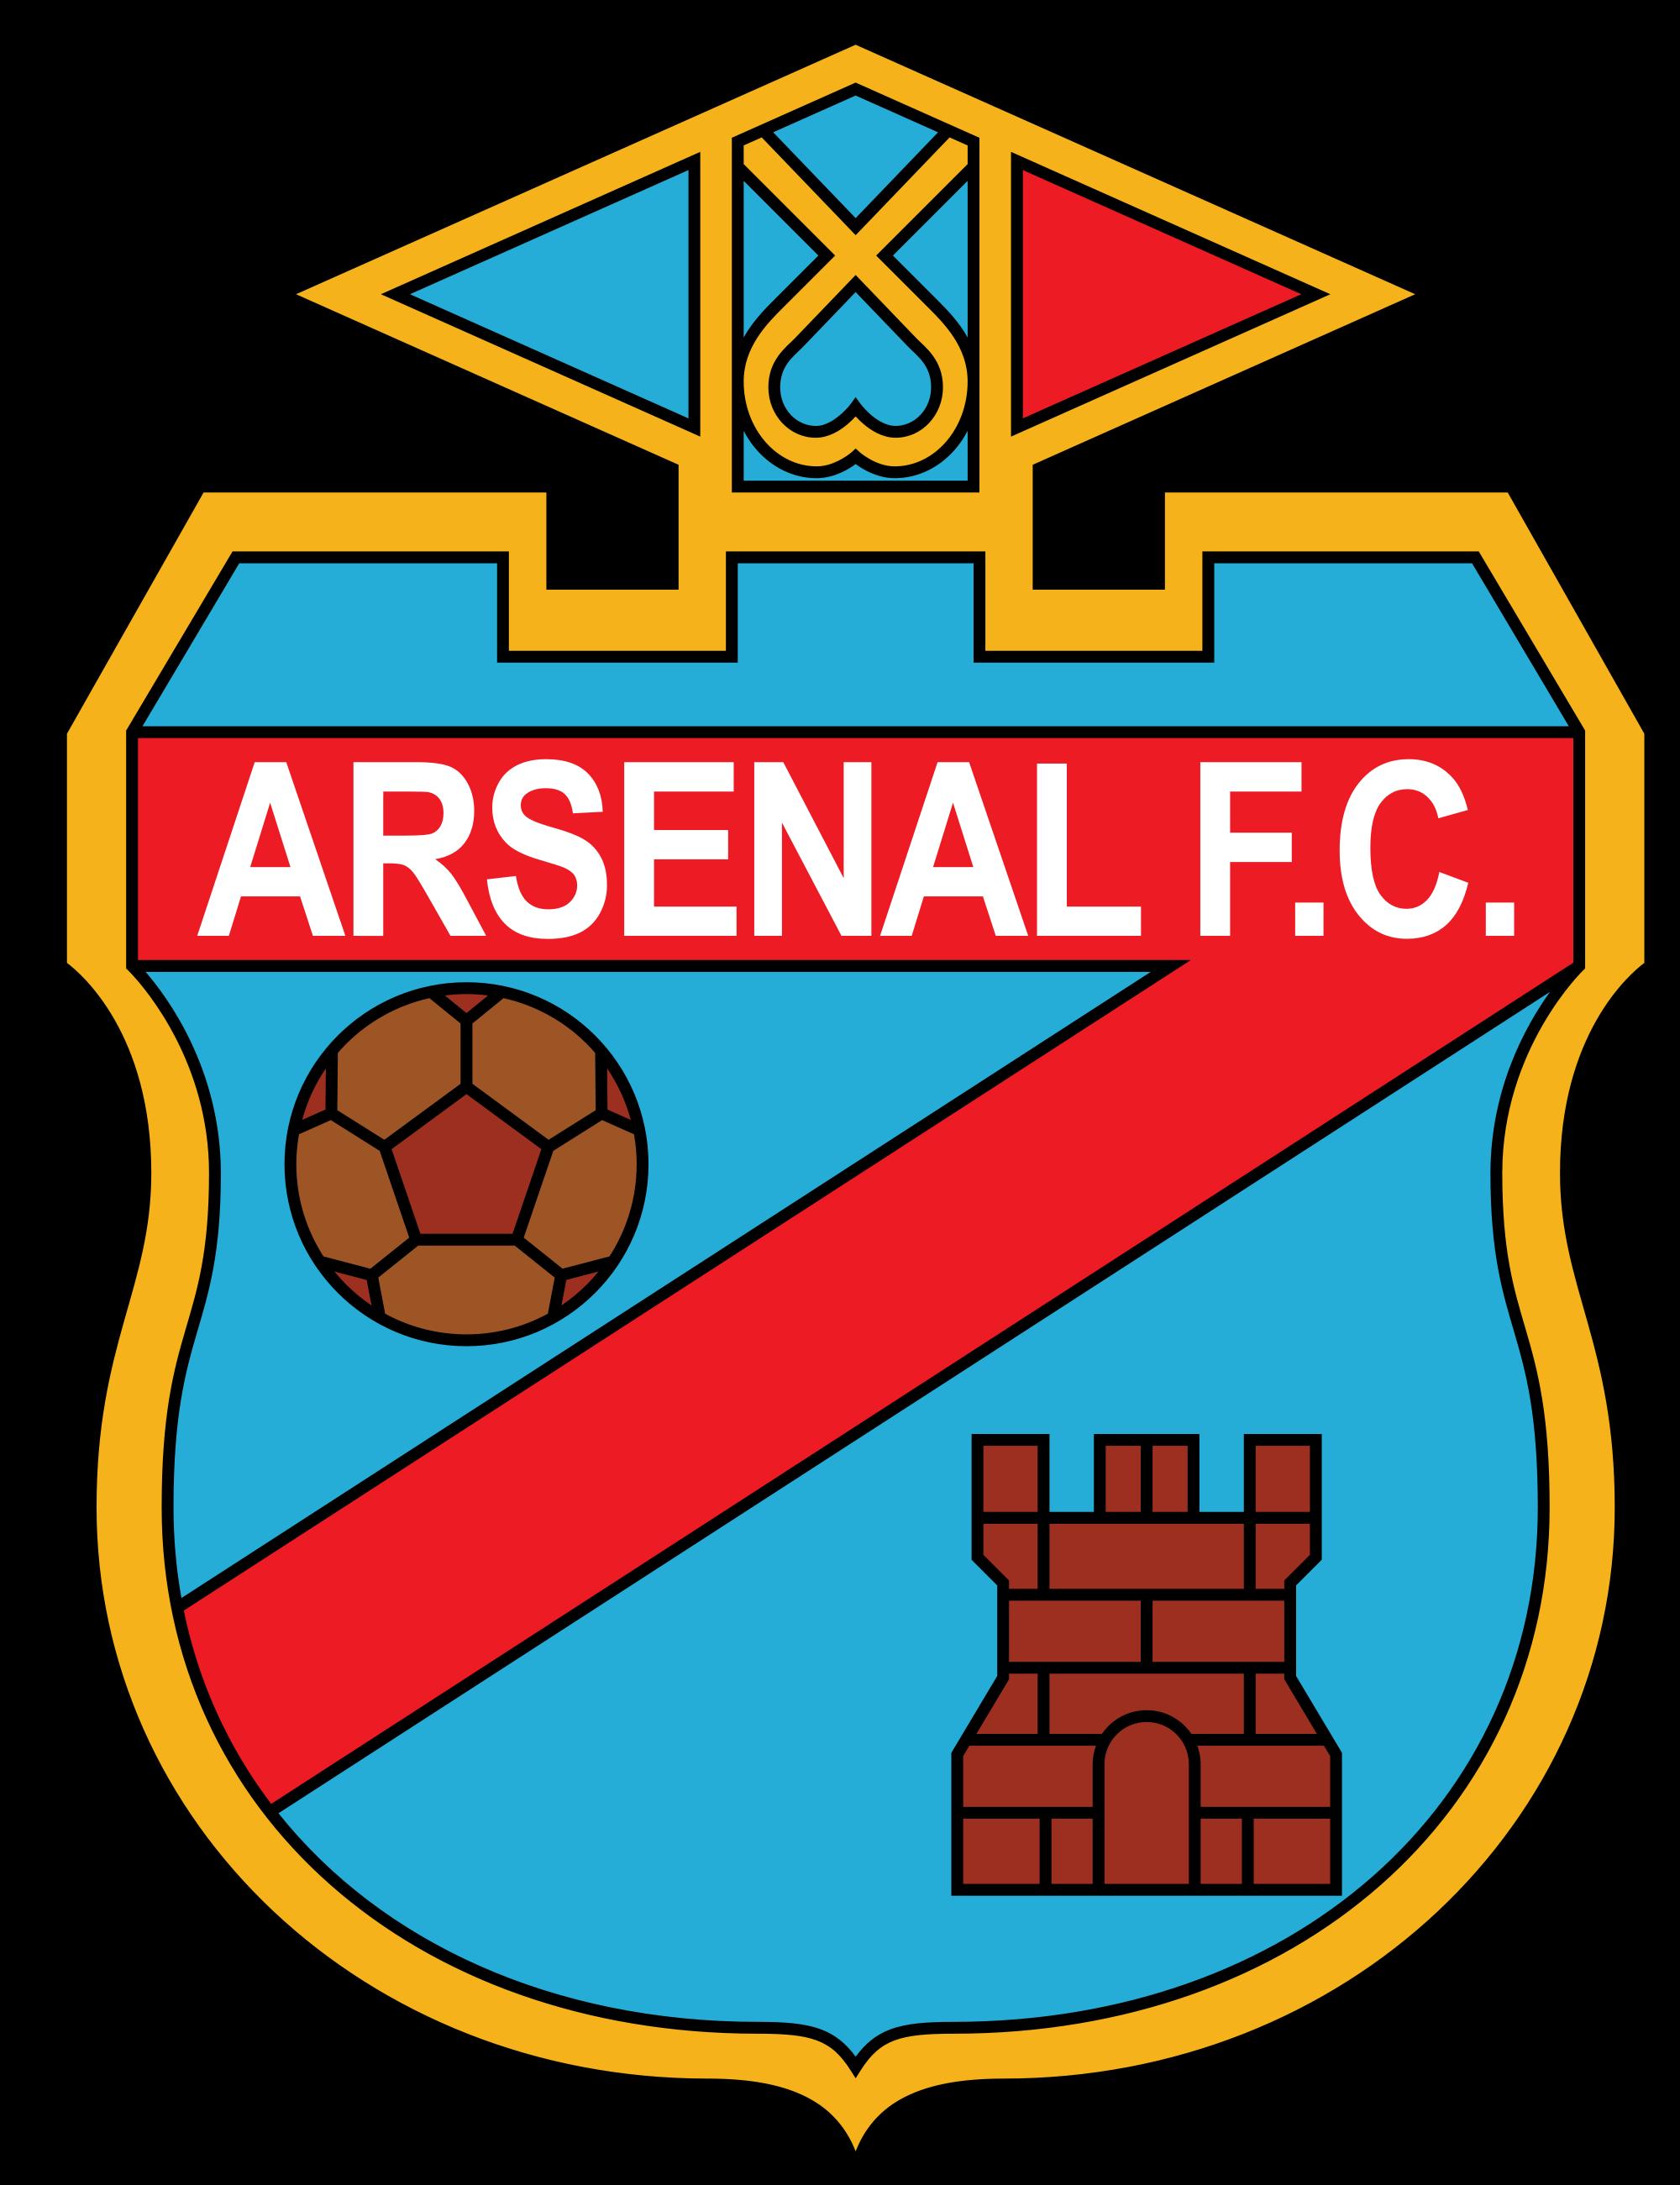 Arsenal de Sarandí | Futebol, Escudos de futebol